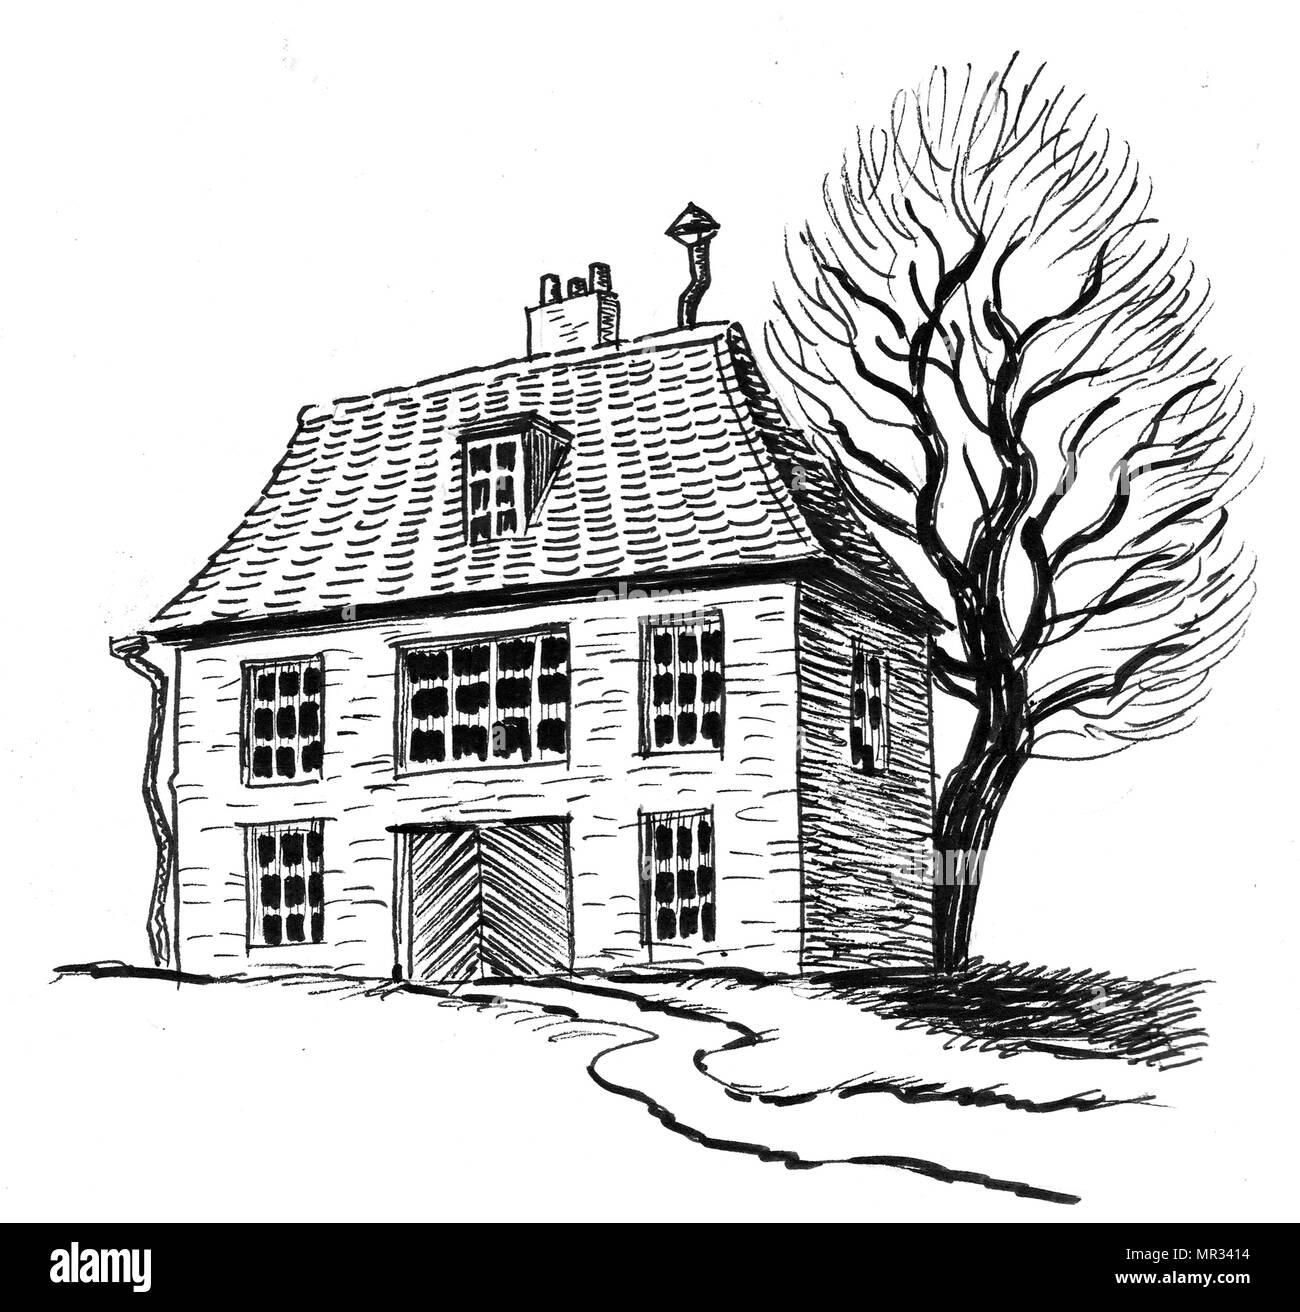 Maison En Ruine Dessin vieille maison et arbre. dessin noir et blanc encre banque d